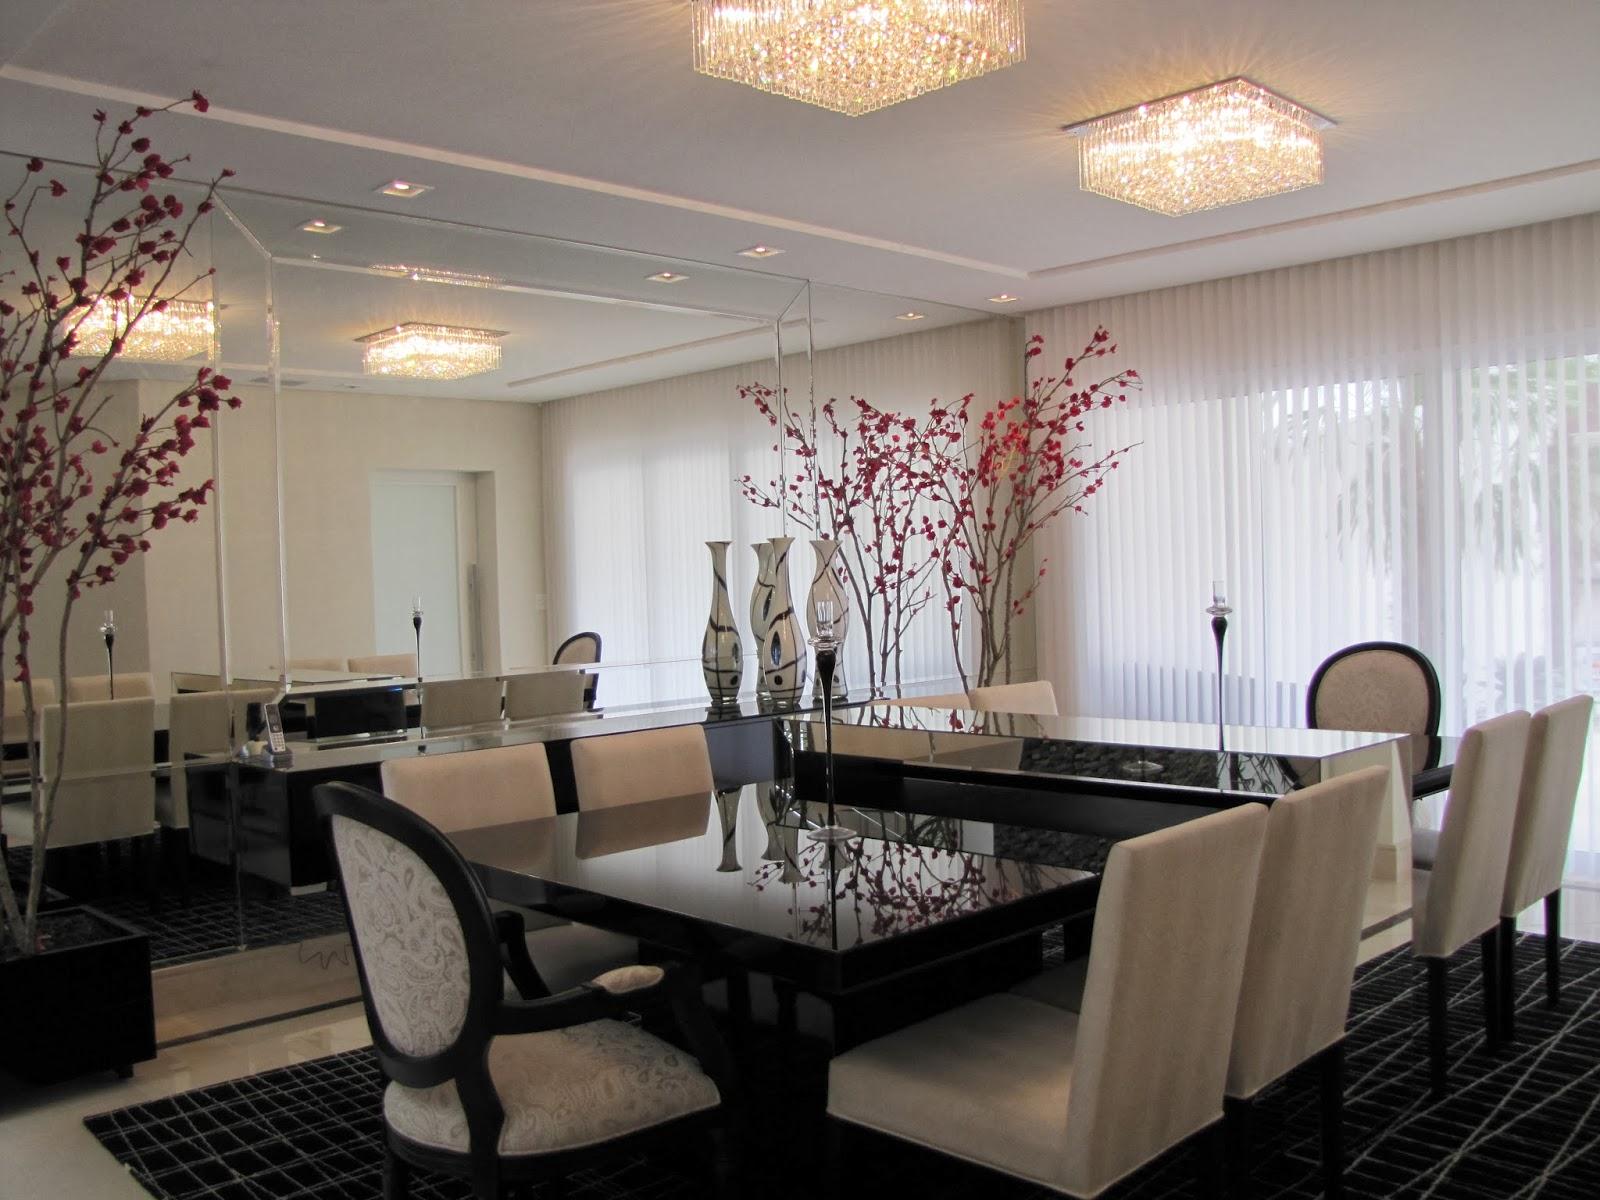 #836848  na decoração! Decor Salteado Blog de Decoração e Arquitetura 1600x1200 píxeis em Decoração De Sala De Jantar Com Papel De Parede E Espelho